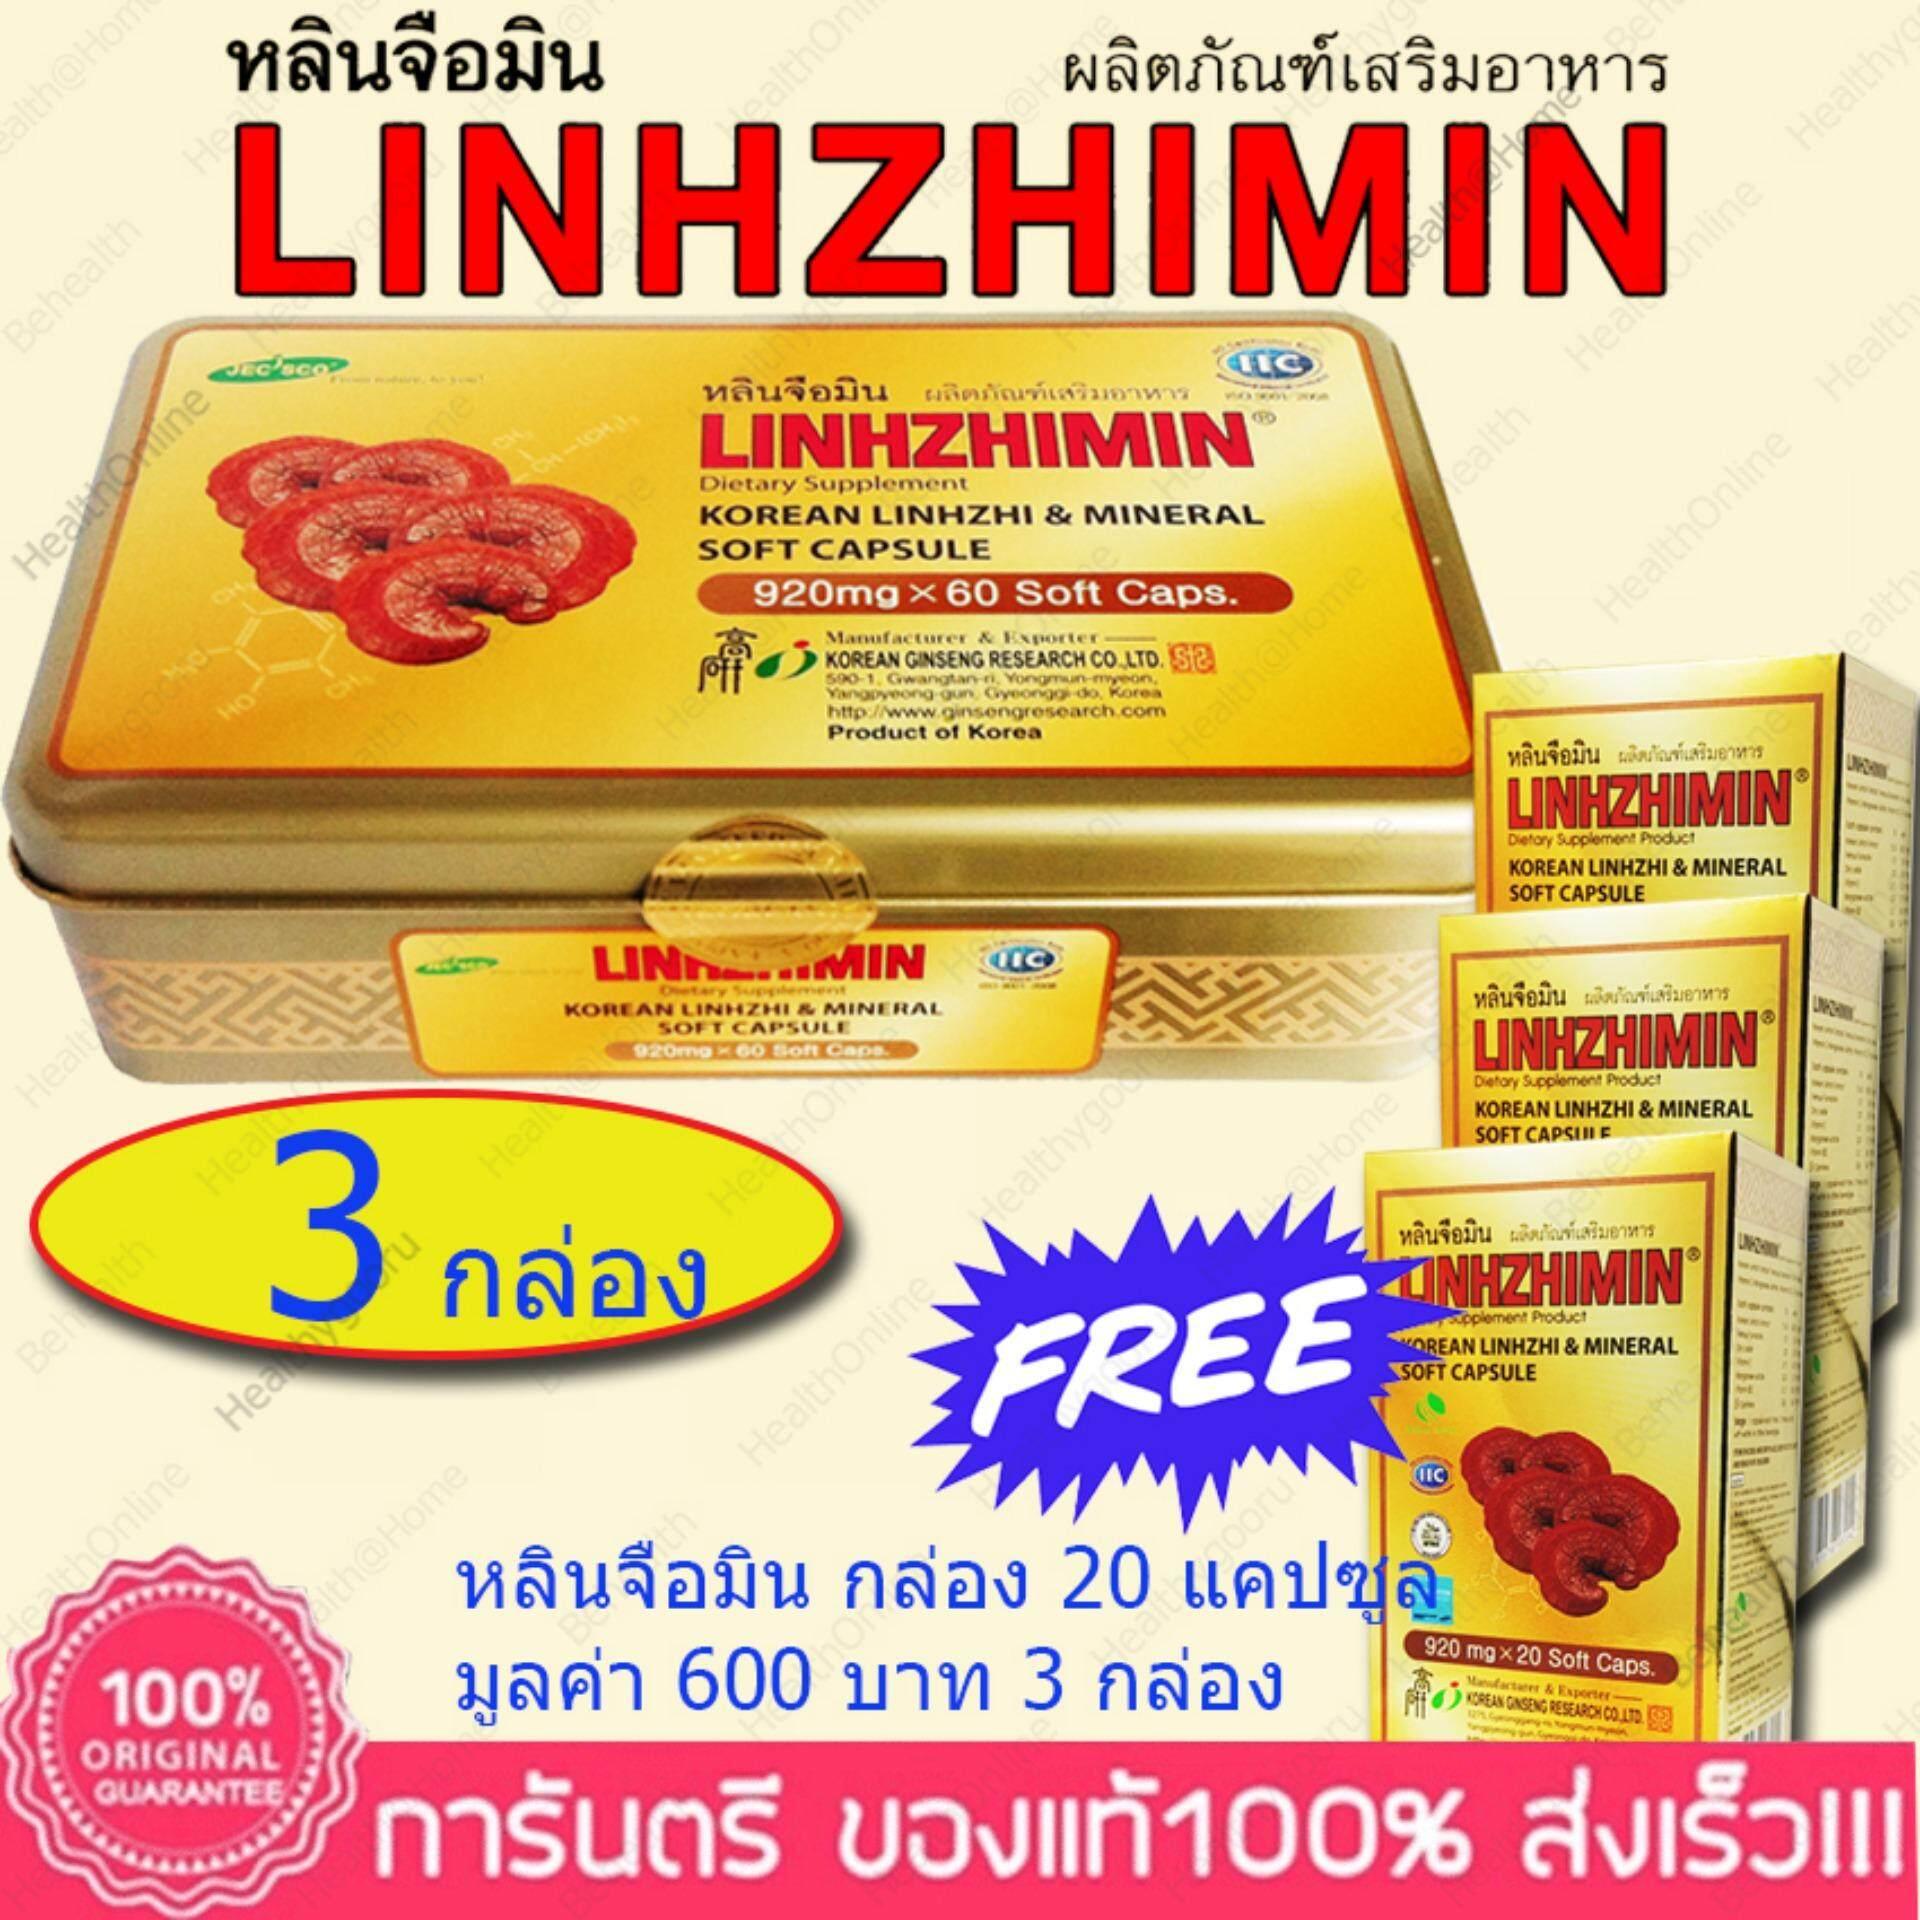 ราคา Linhzhimin หลินจือมิน 60 Capsule X 3 Box Free Linhzhimin กล่อง 20 แคปซูล 3 กล่อง มูลค่า 1800 บาท ราคาถูกที่สุด